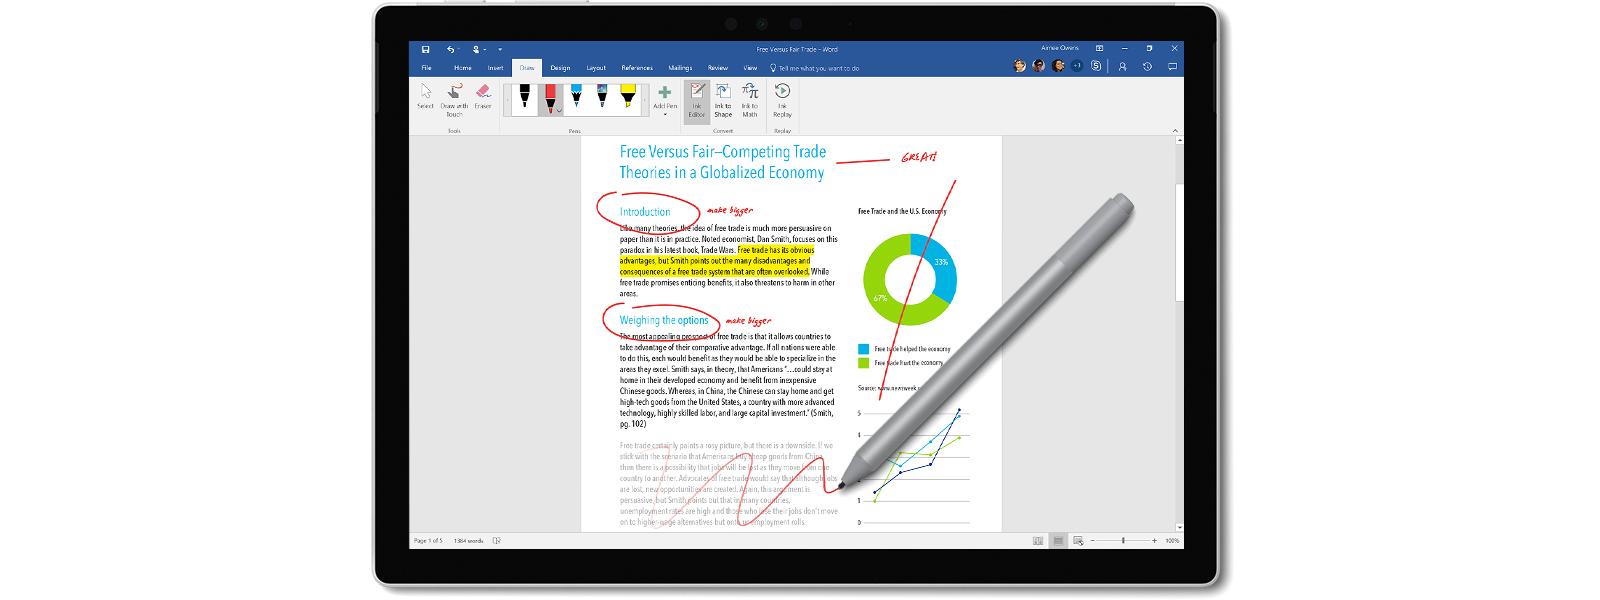 Screenshot einer Seite, die mit dem Surface-Stift bearbeitet wird und auf der Kommentare, Hervorhebungen, durchgestrichener und ausgewählter, eingekreister Text zu sehen sind.